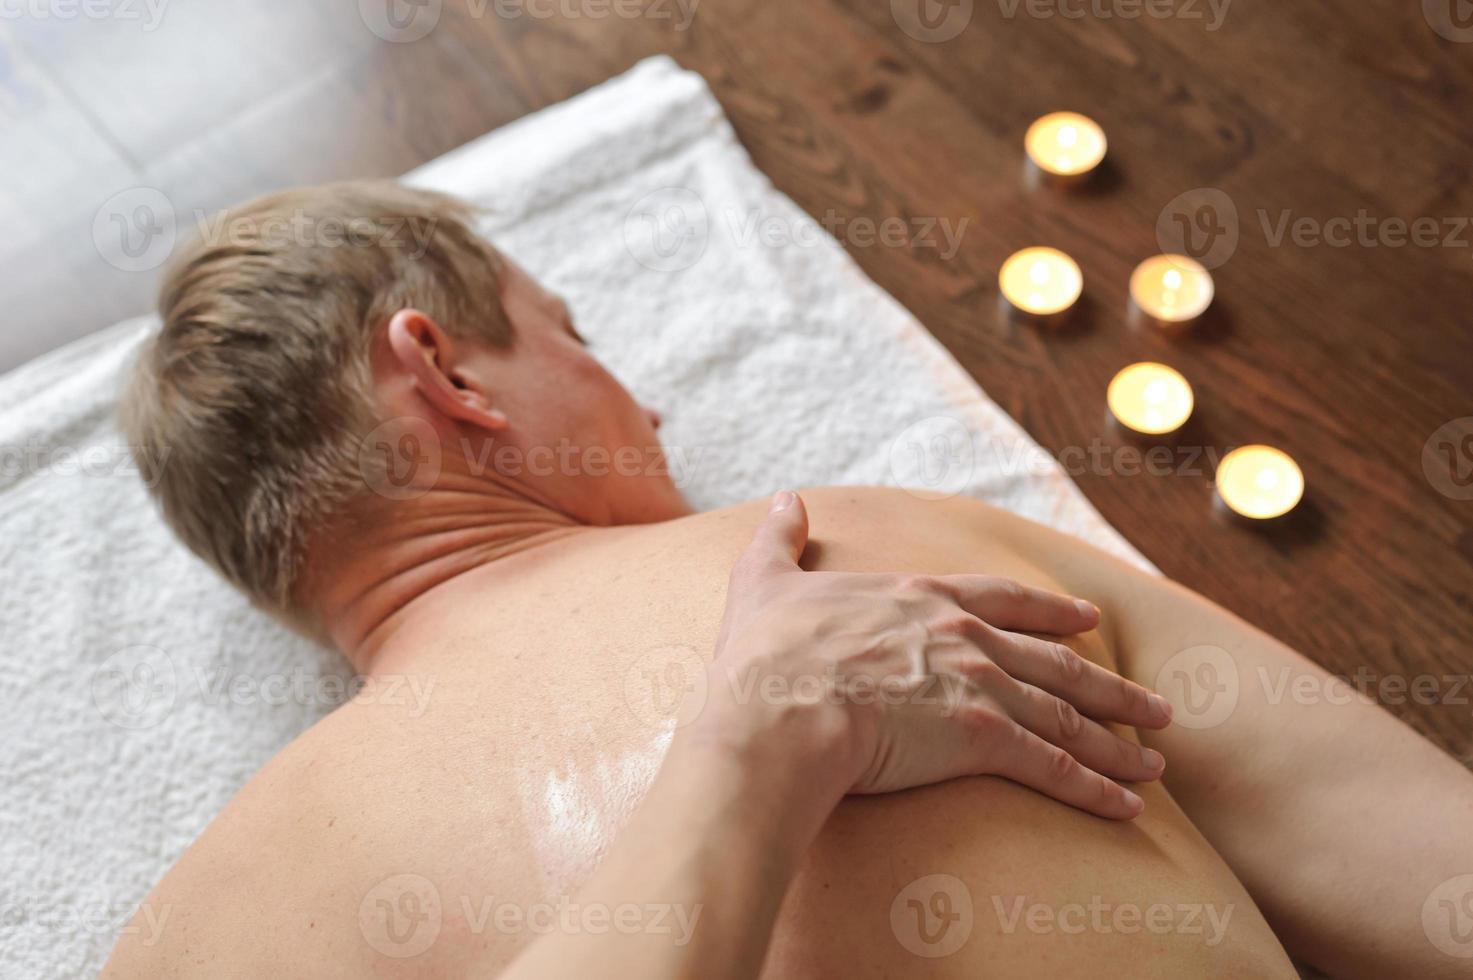 masaje de espalda foto